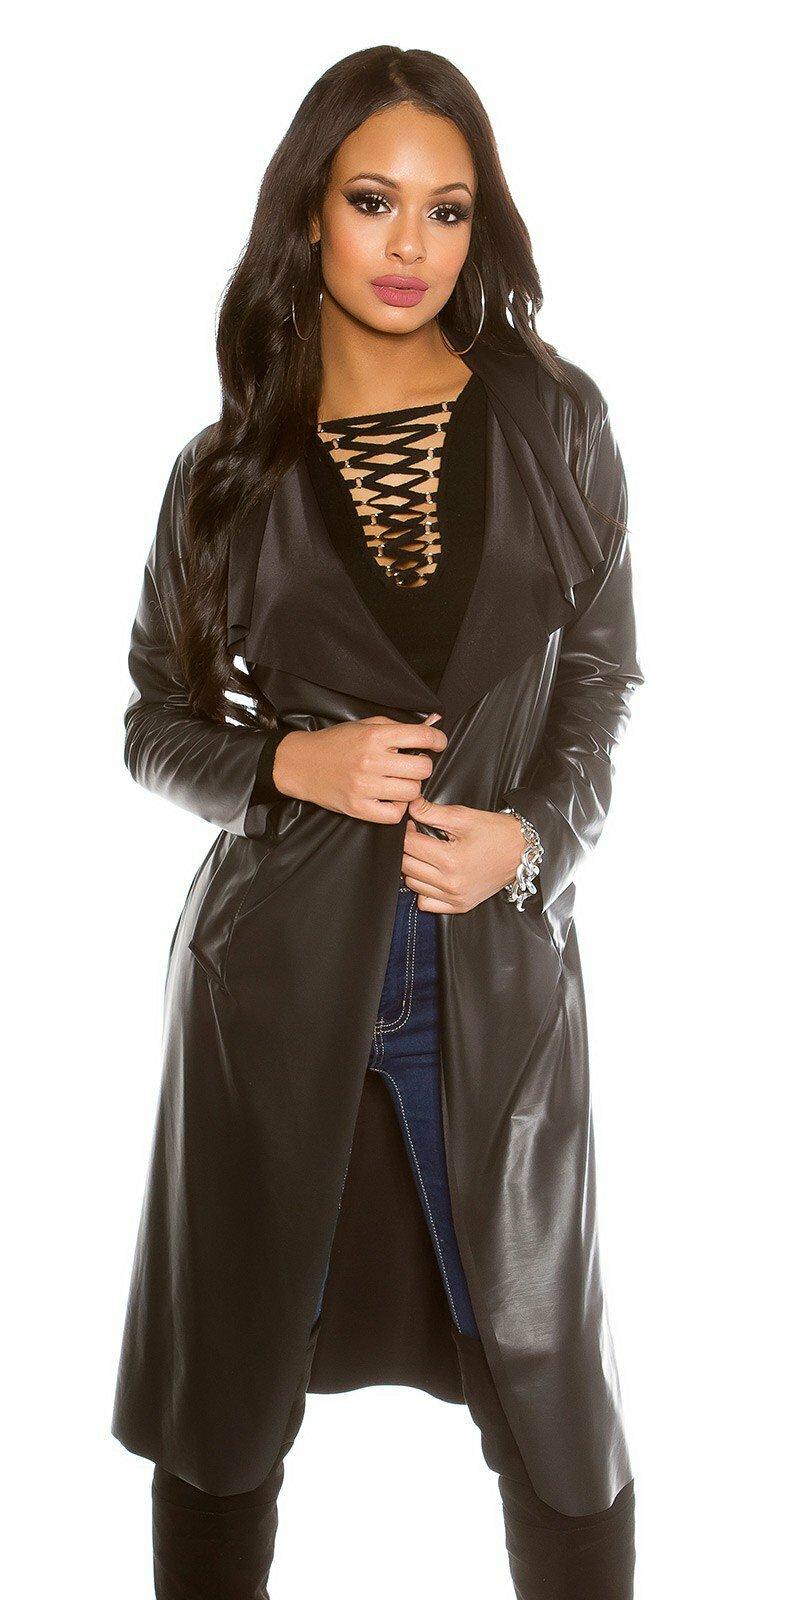 Dlhá bunda koženého vzhľadu KouCla  Veľkosť Univerzálna (XS S M) Farba  Čierna 969e69961f6